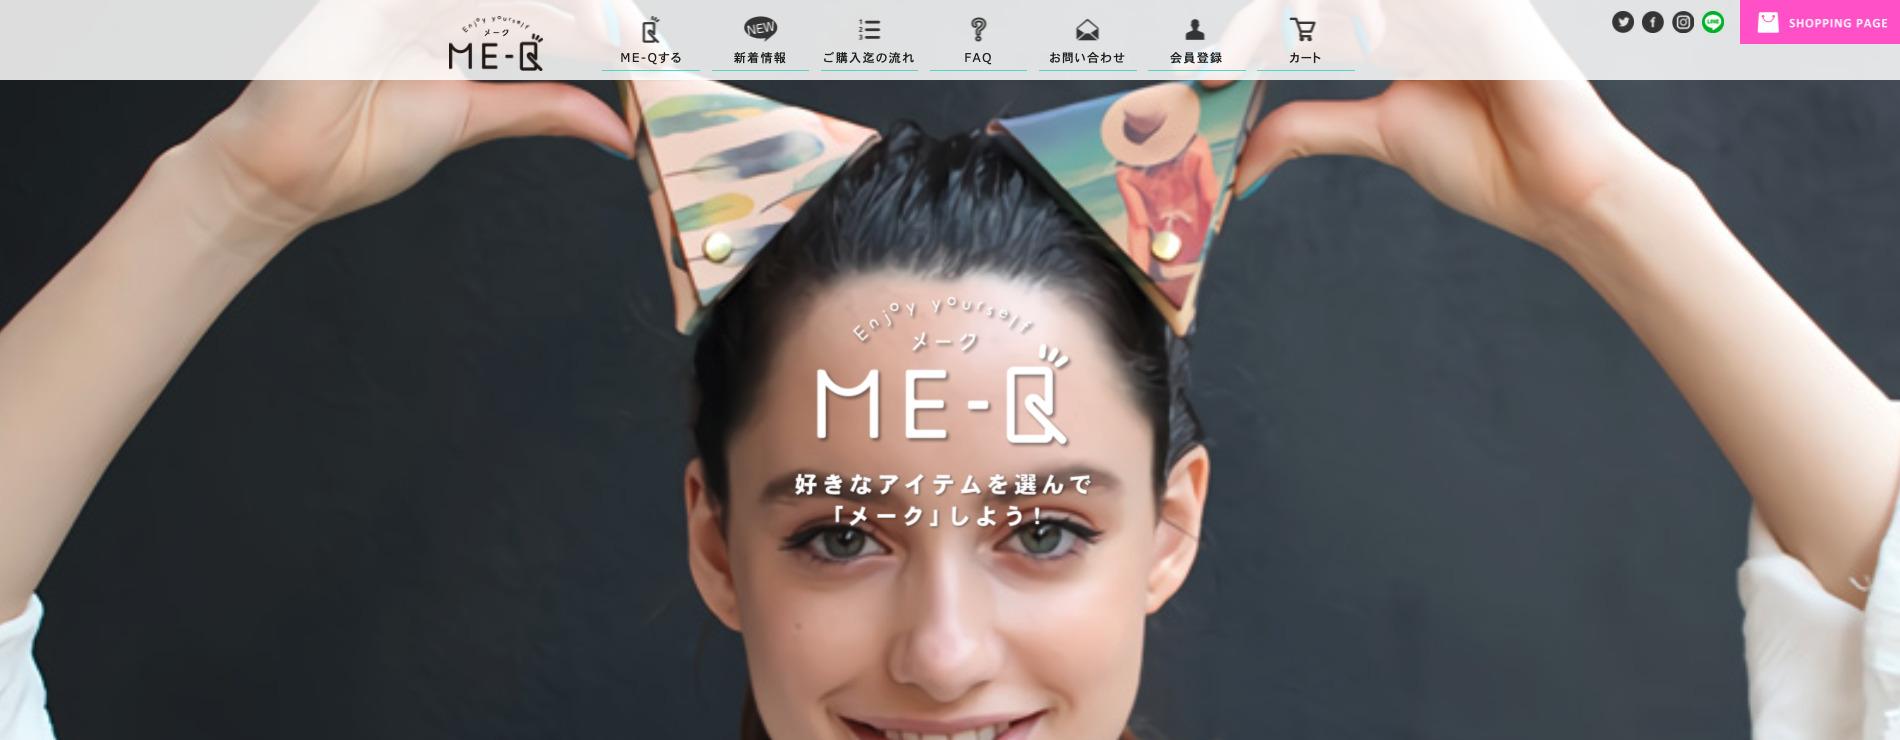 ME-Q とは